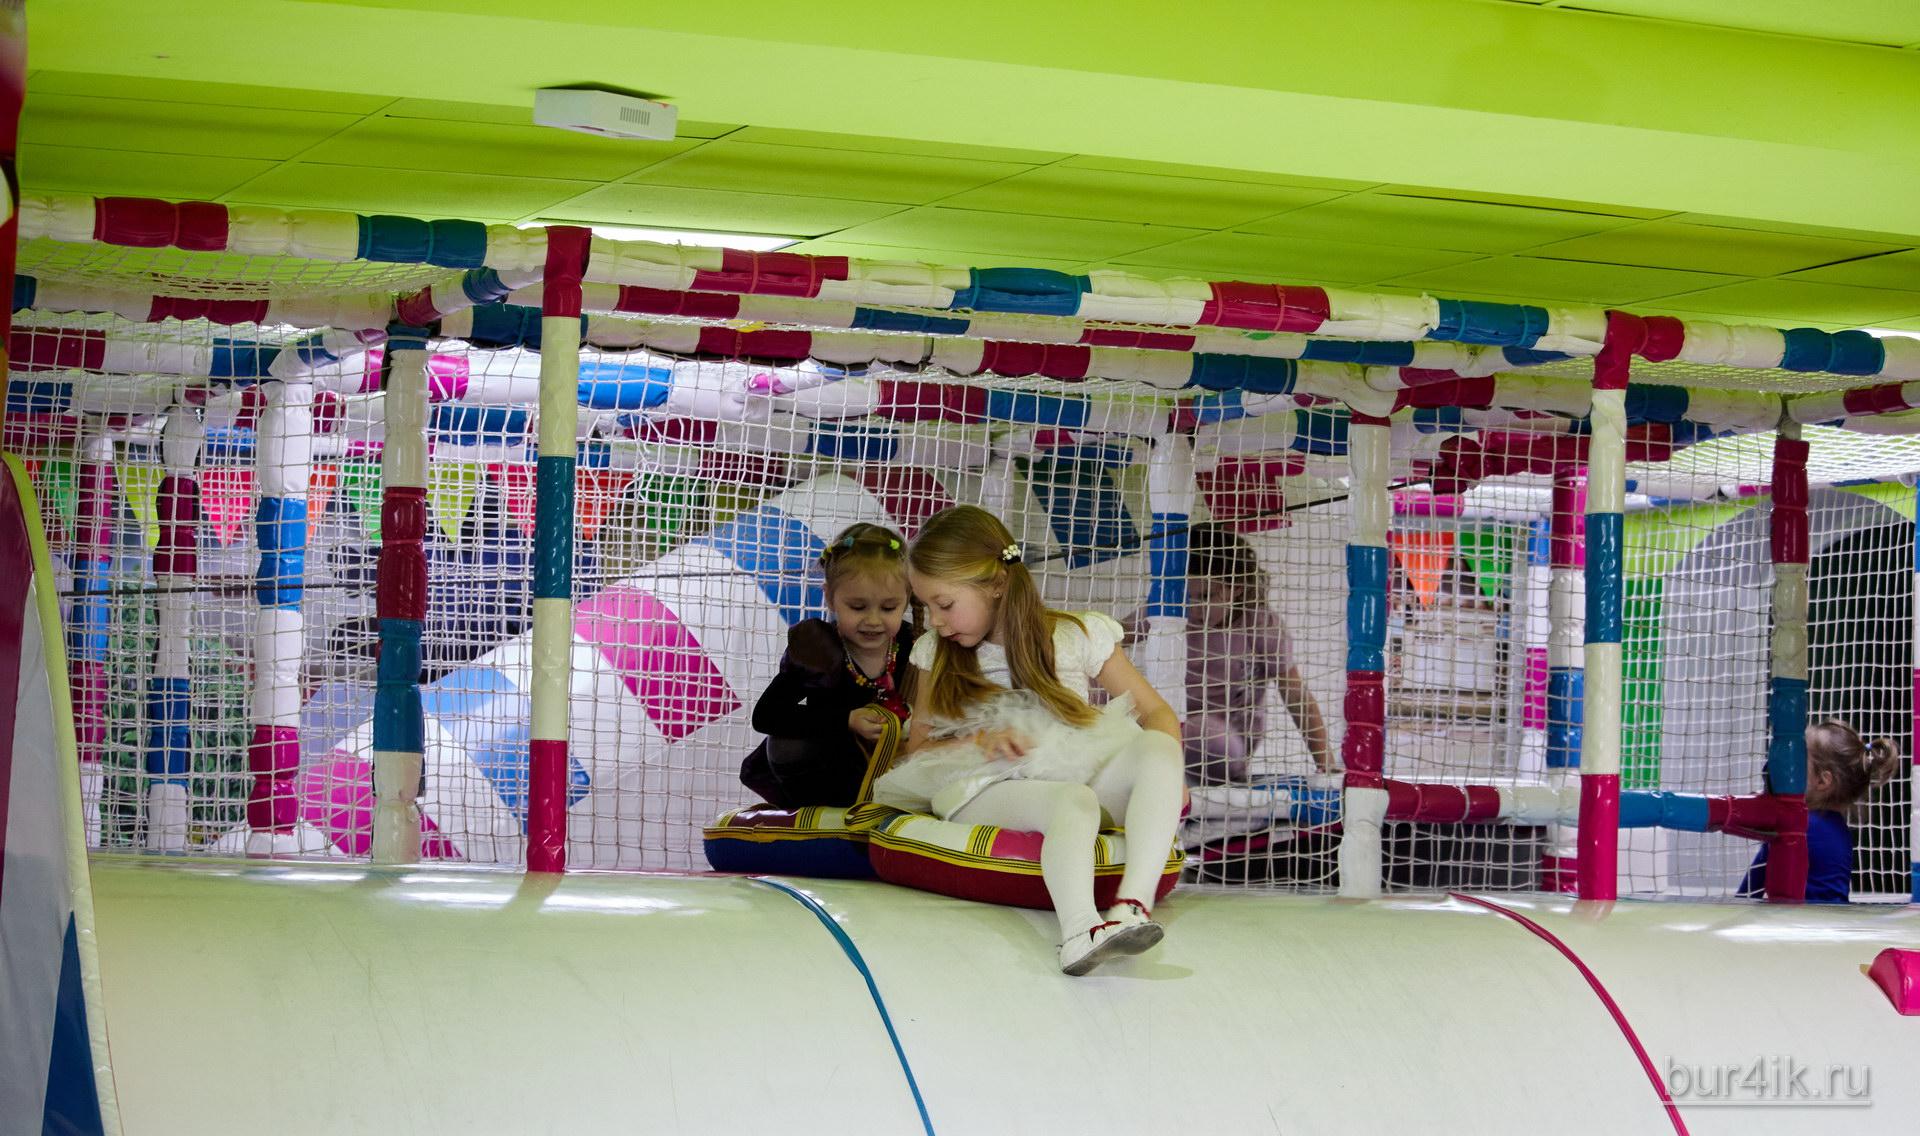 Фото Детское День Рождения в Детский Дворик 15.01.2020 №274 -photo- bur4ik.ru